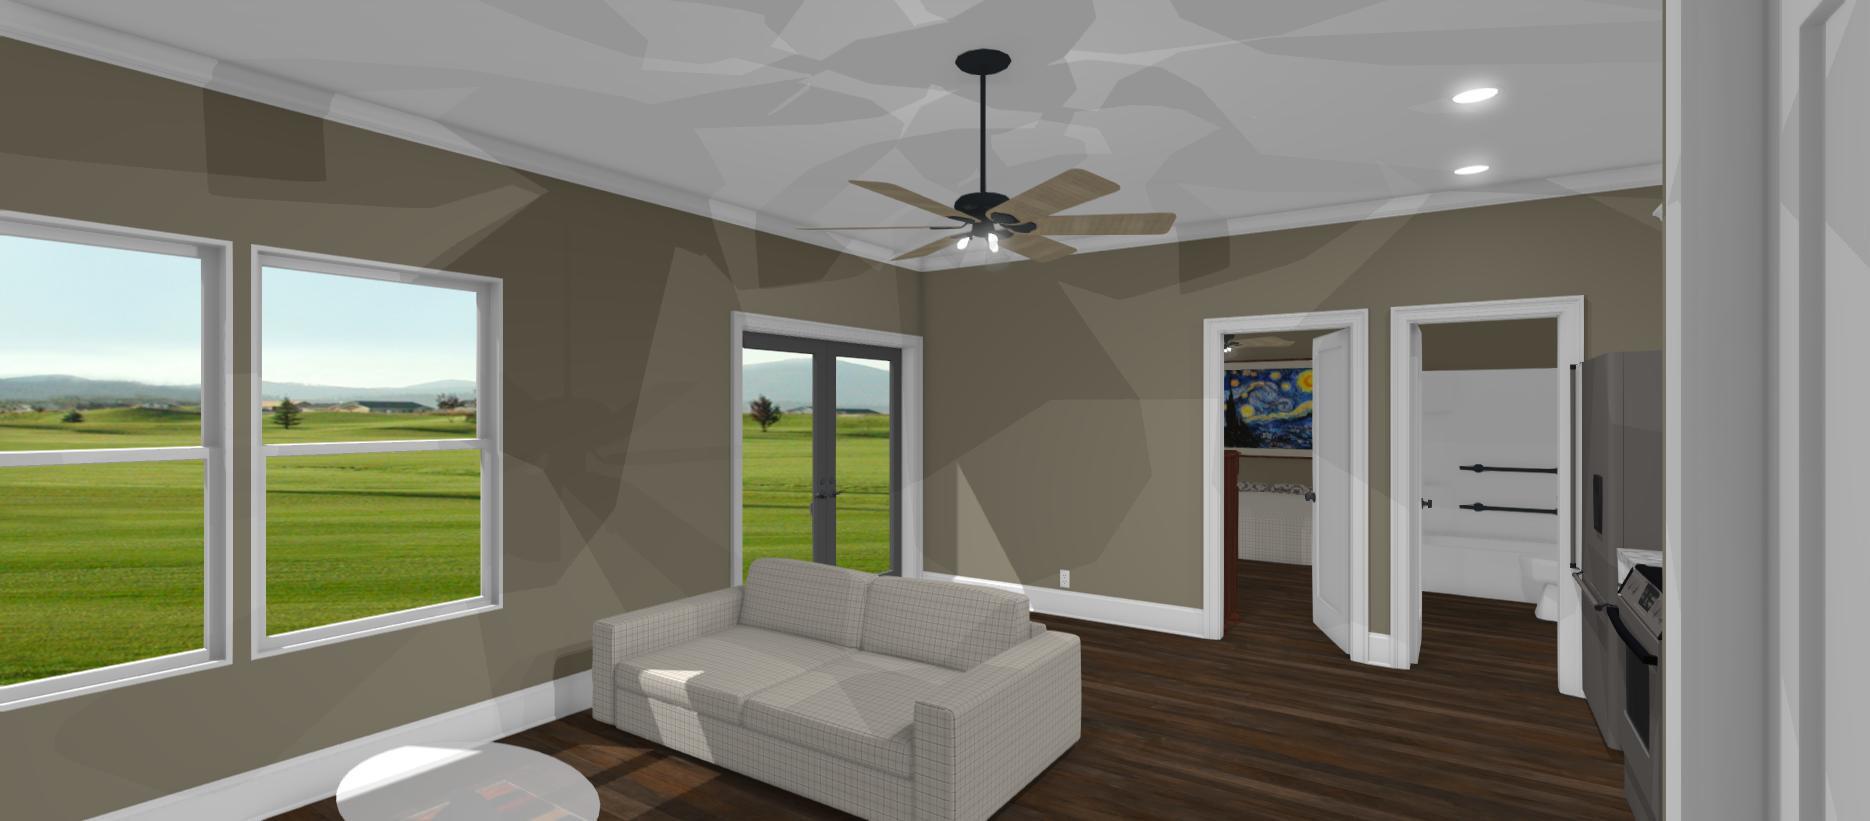 900 sf 2b2b living room view.jpg